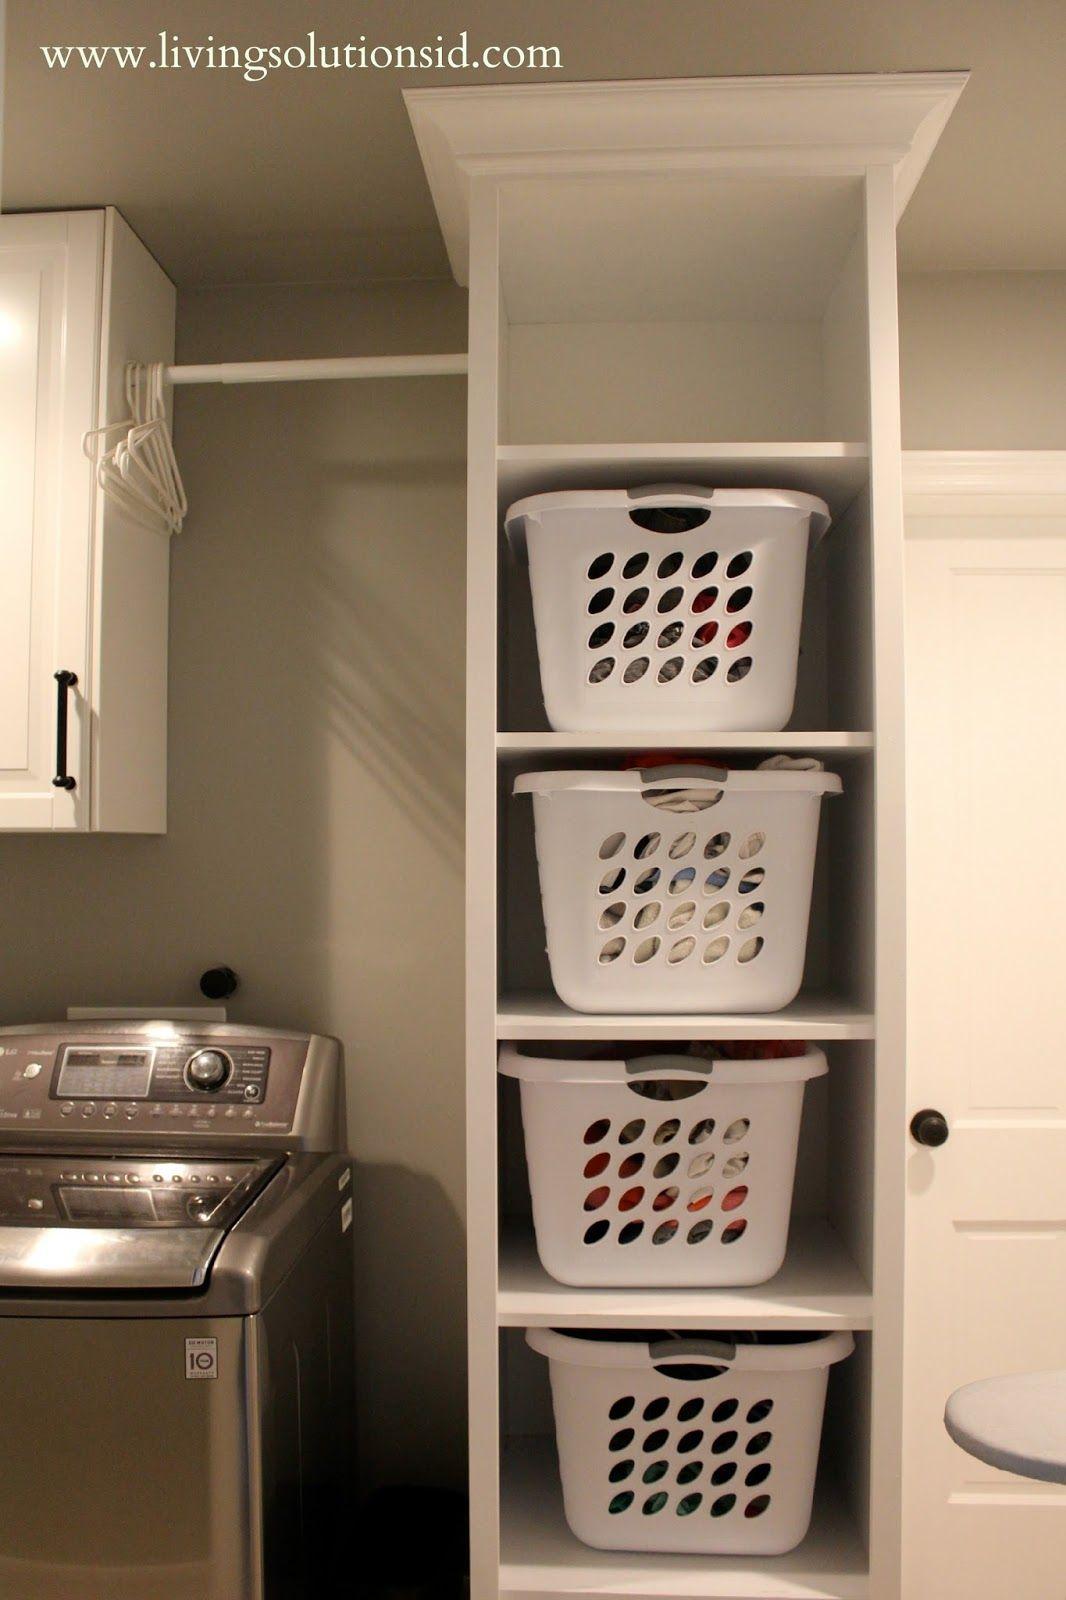 pingl par melissa bootz dillman sur home ideas pinterest buanderie salle et amenagement. Black Bedroom Furniture Sets. Home Design Ideas